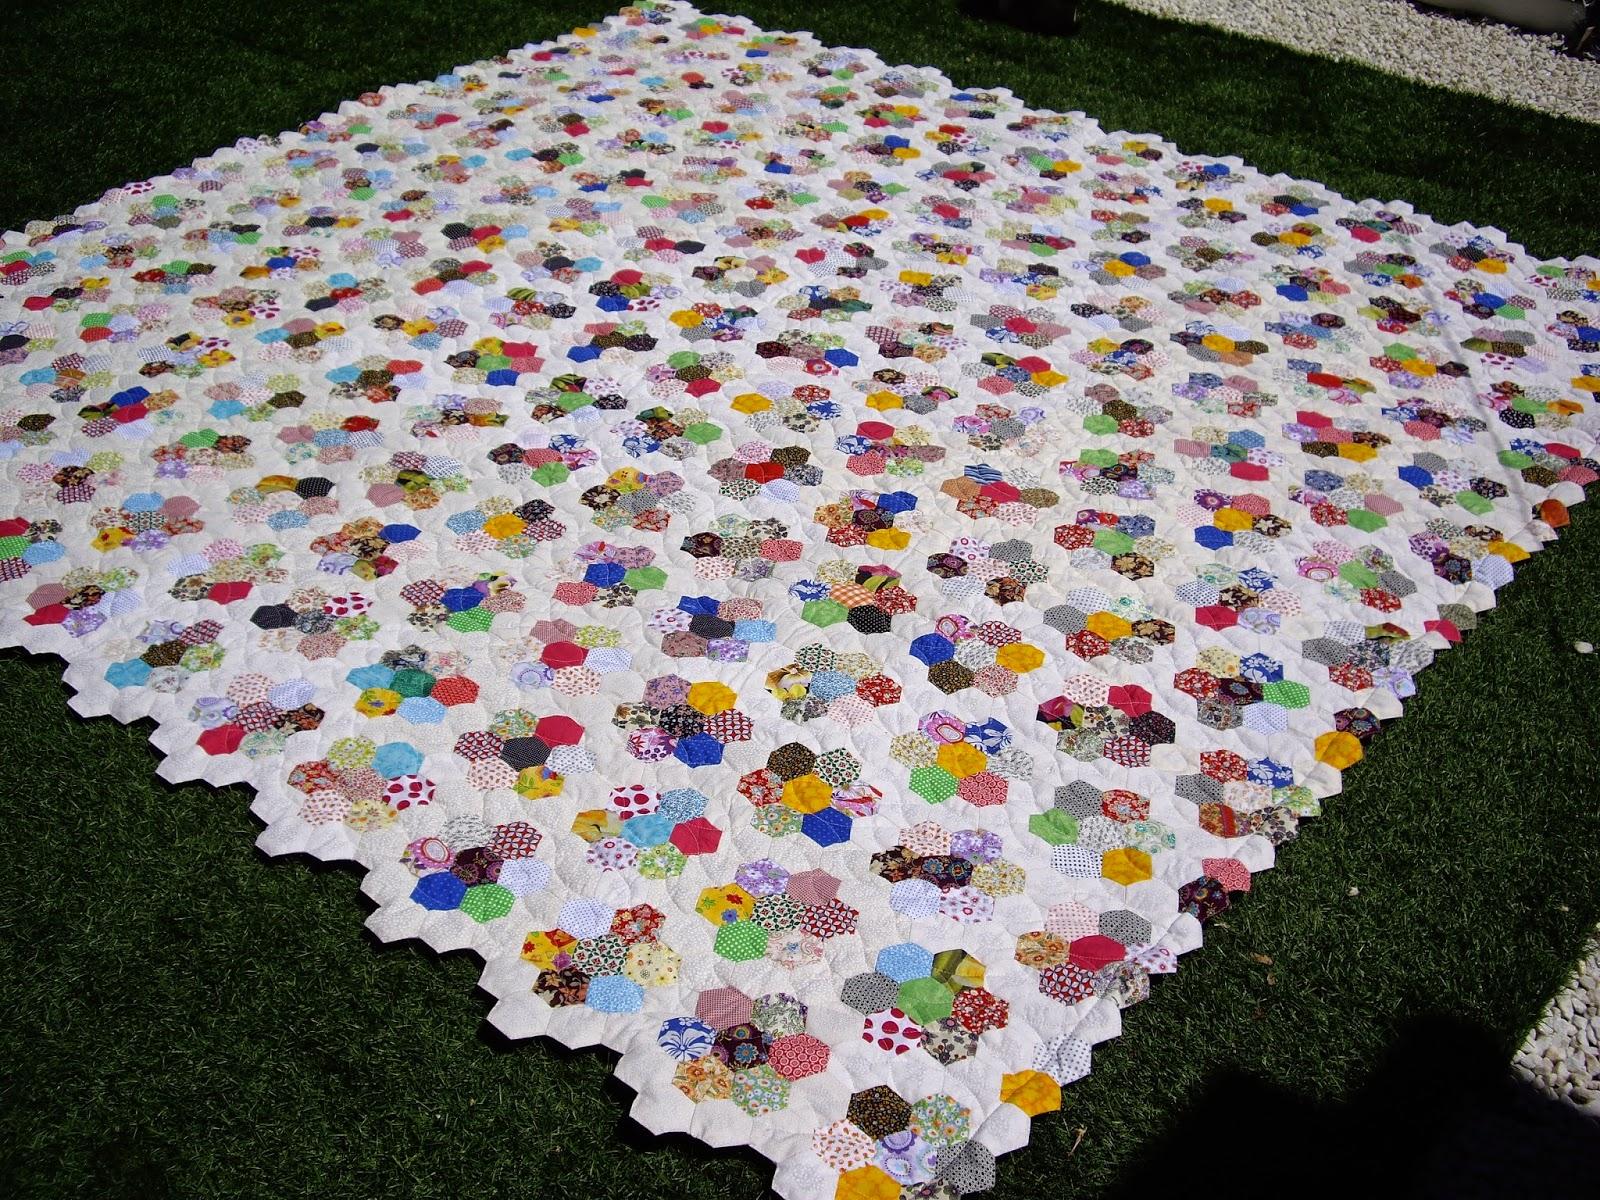 Lamoiss colcha de patchwork - Como hacer colchas de patchwork ...